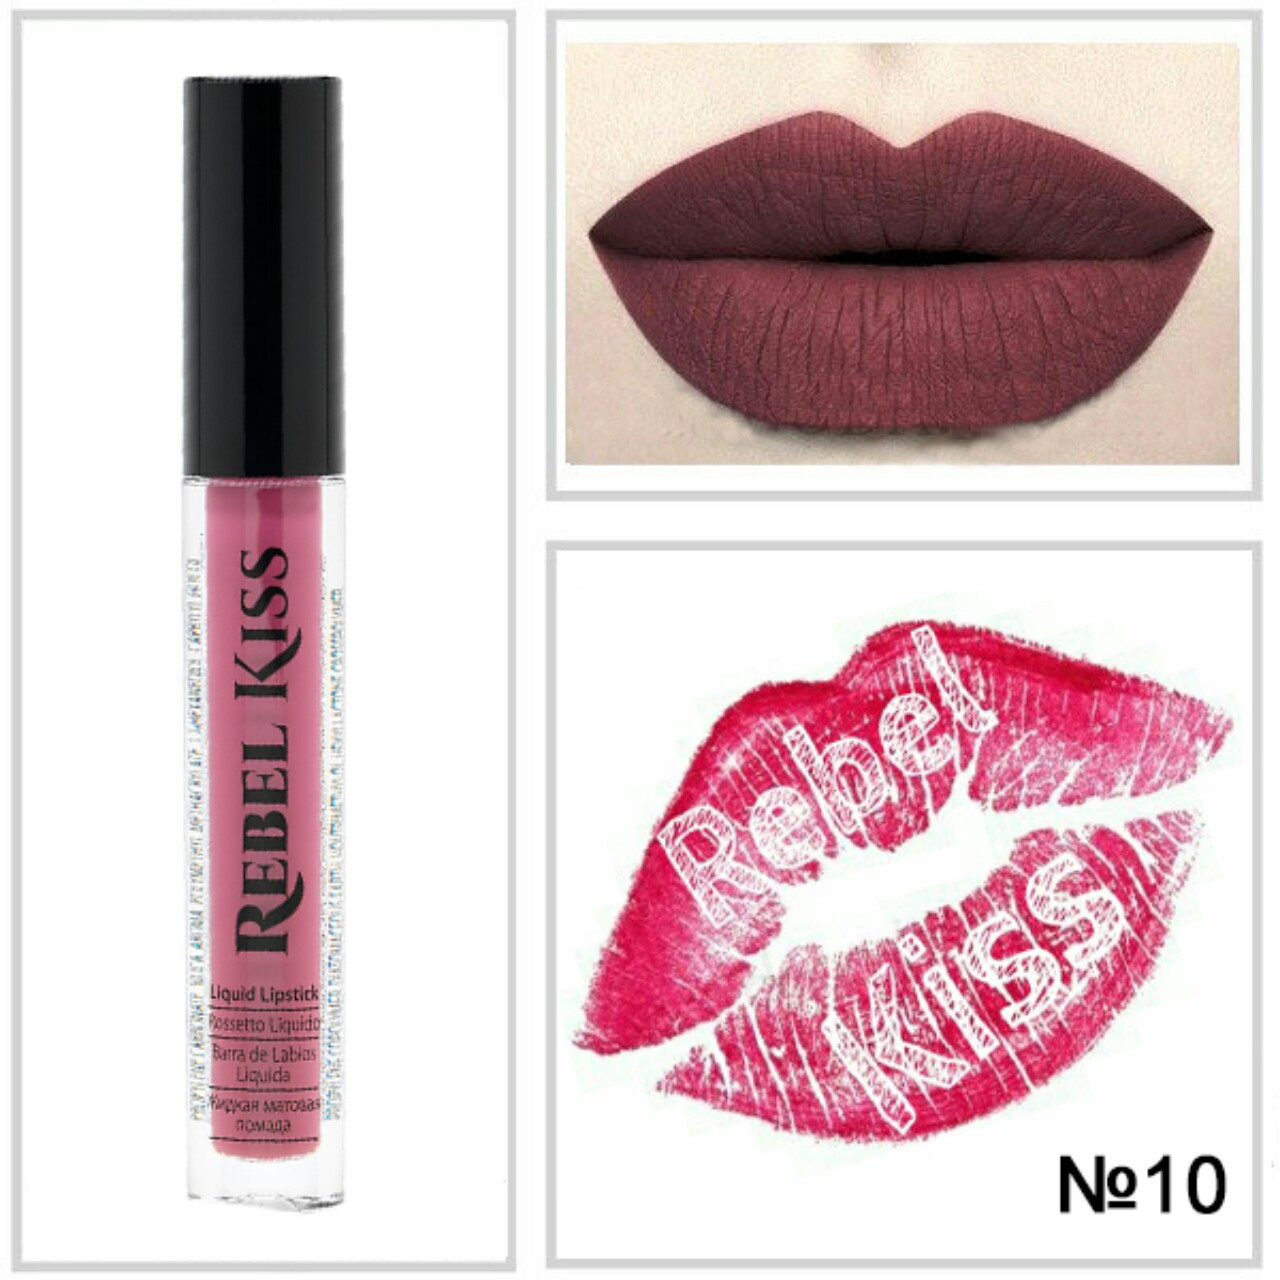 Rebel Kiss Жидкая матовая помада №10